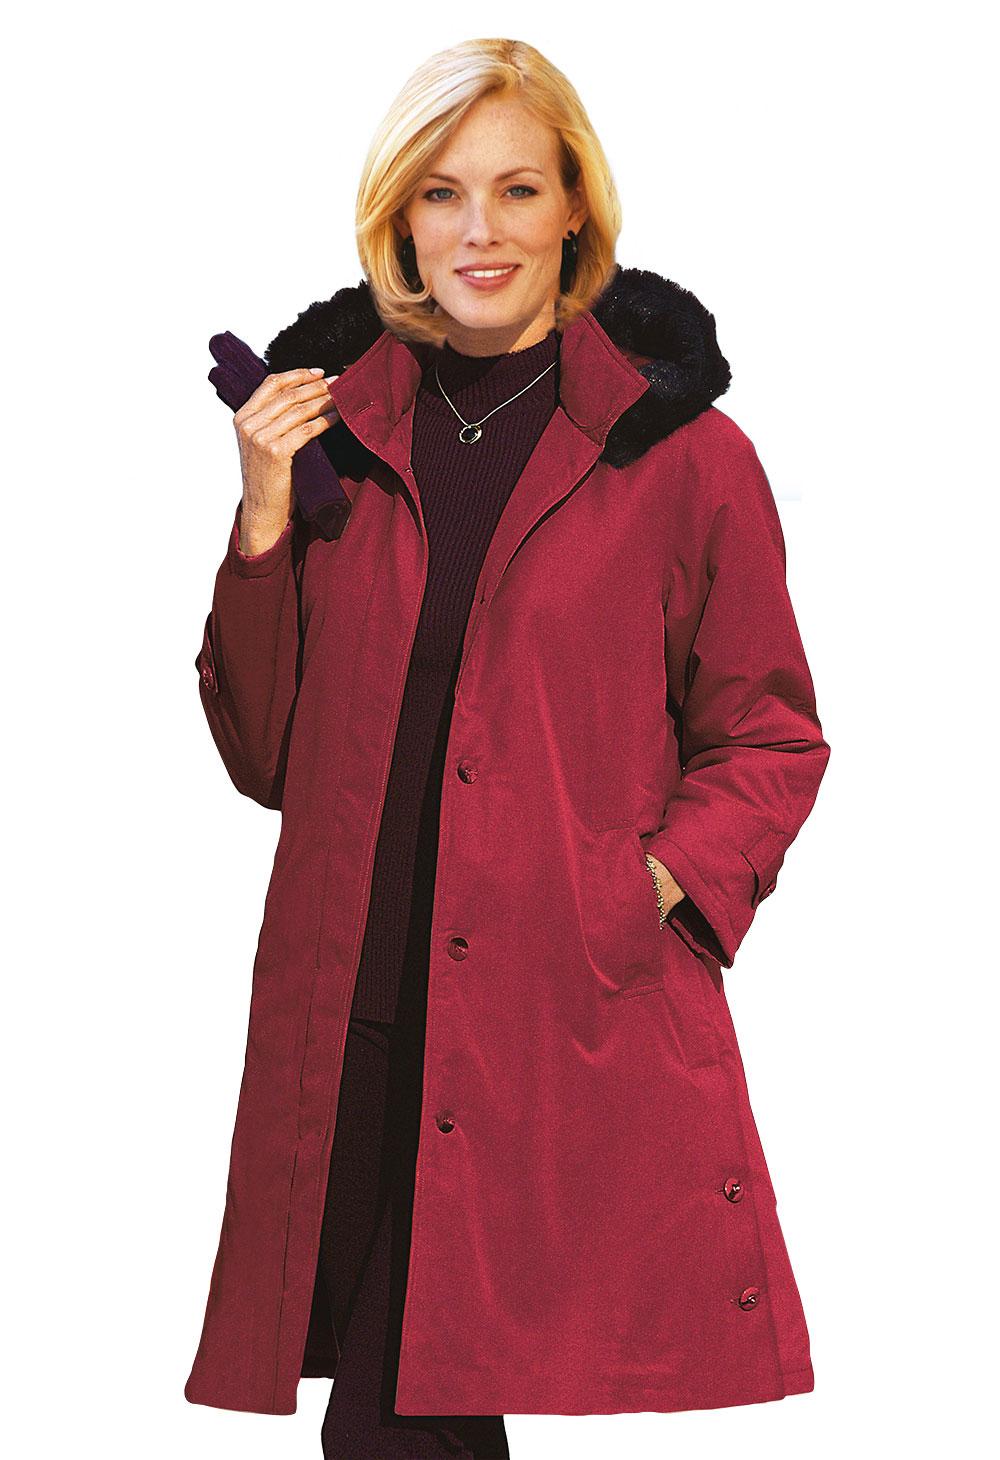 Femme ronde en manteau